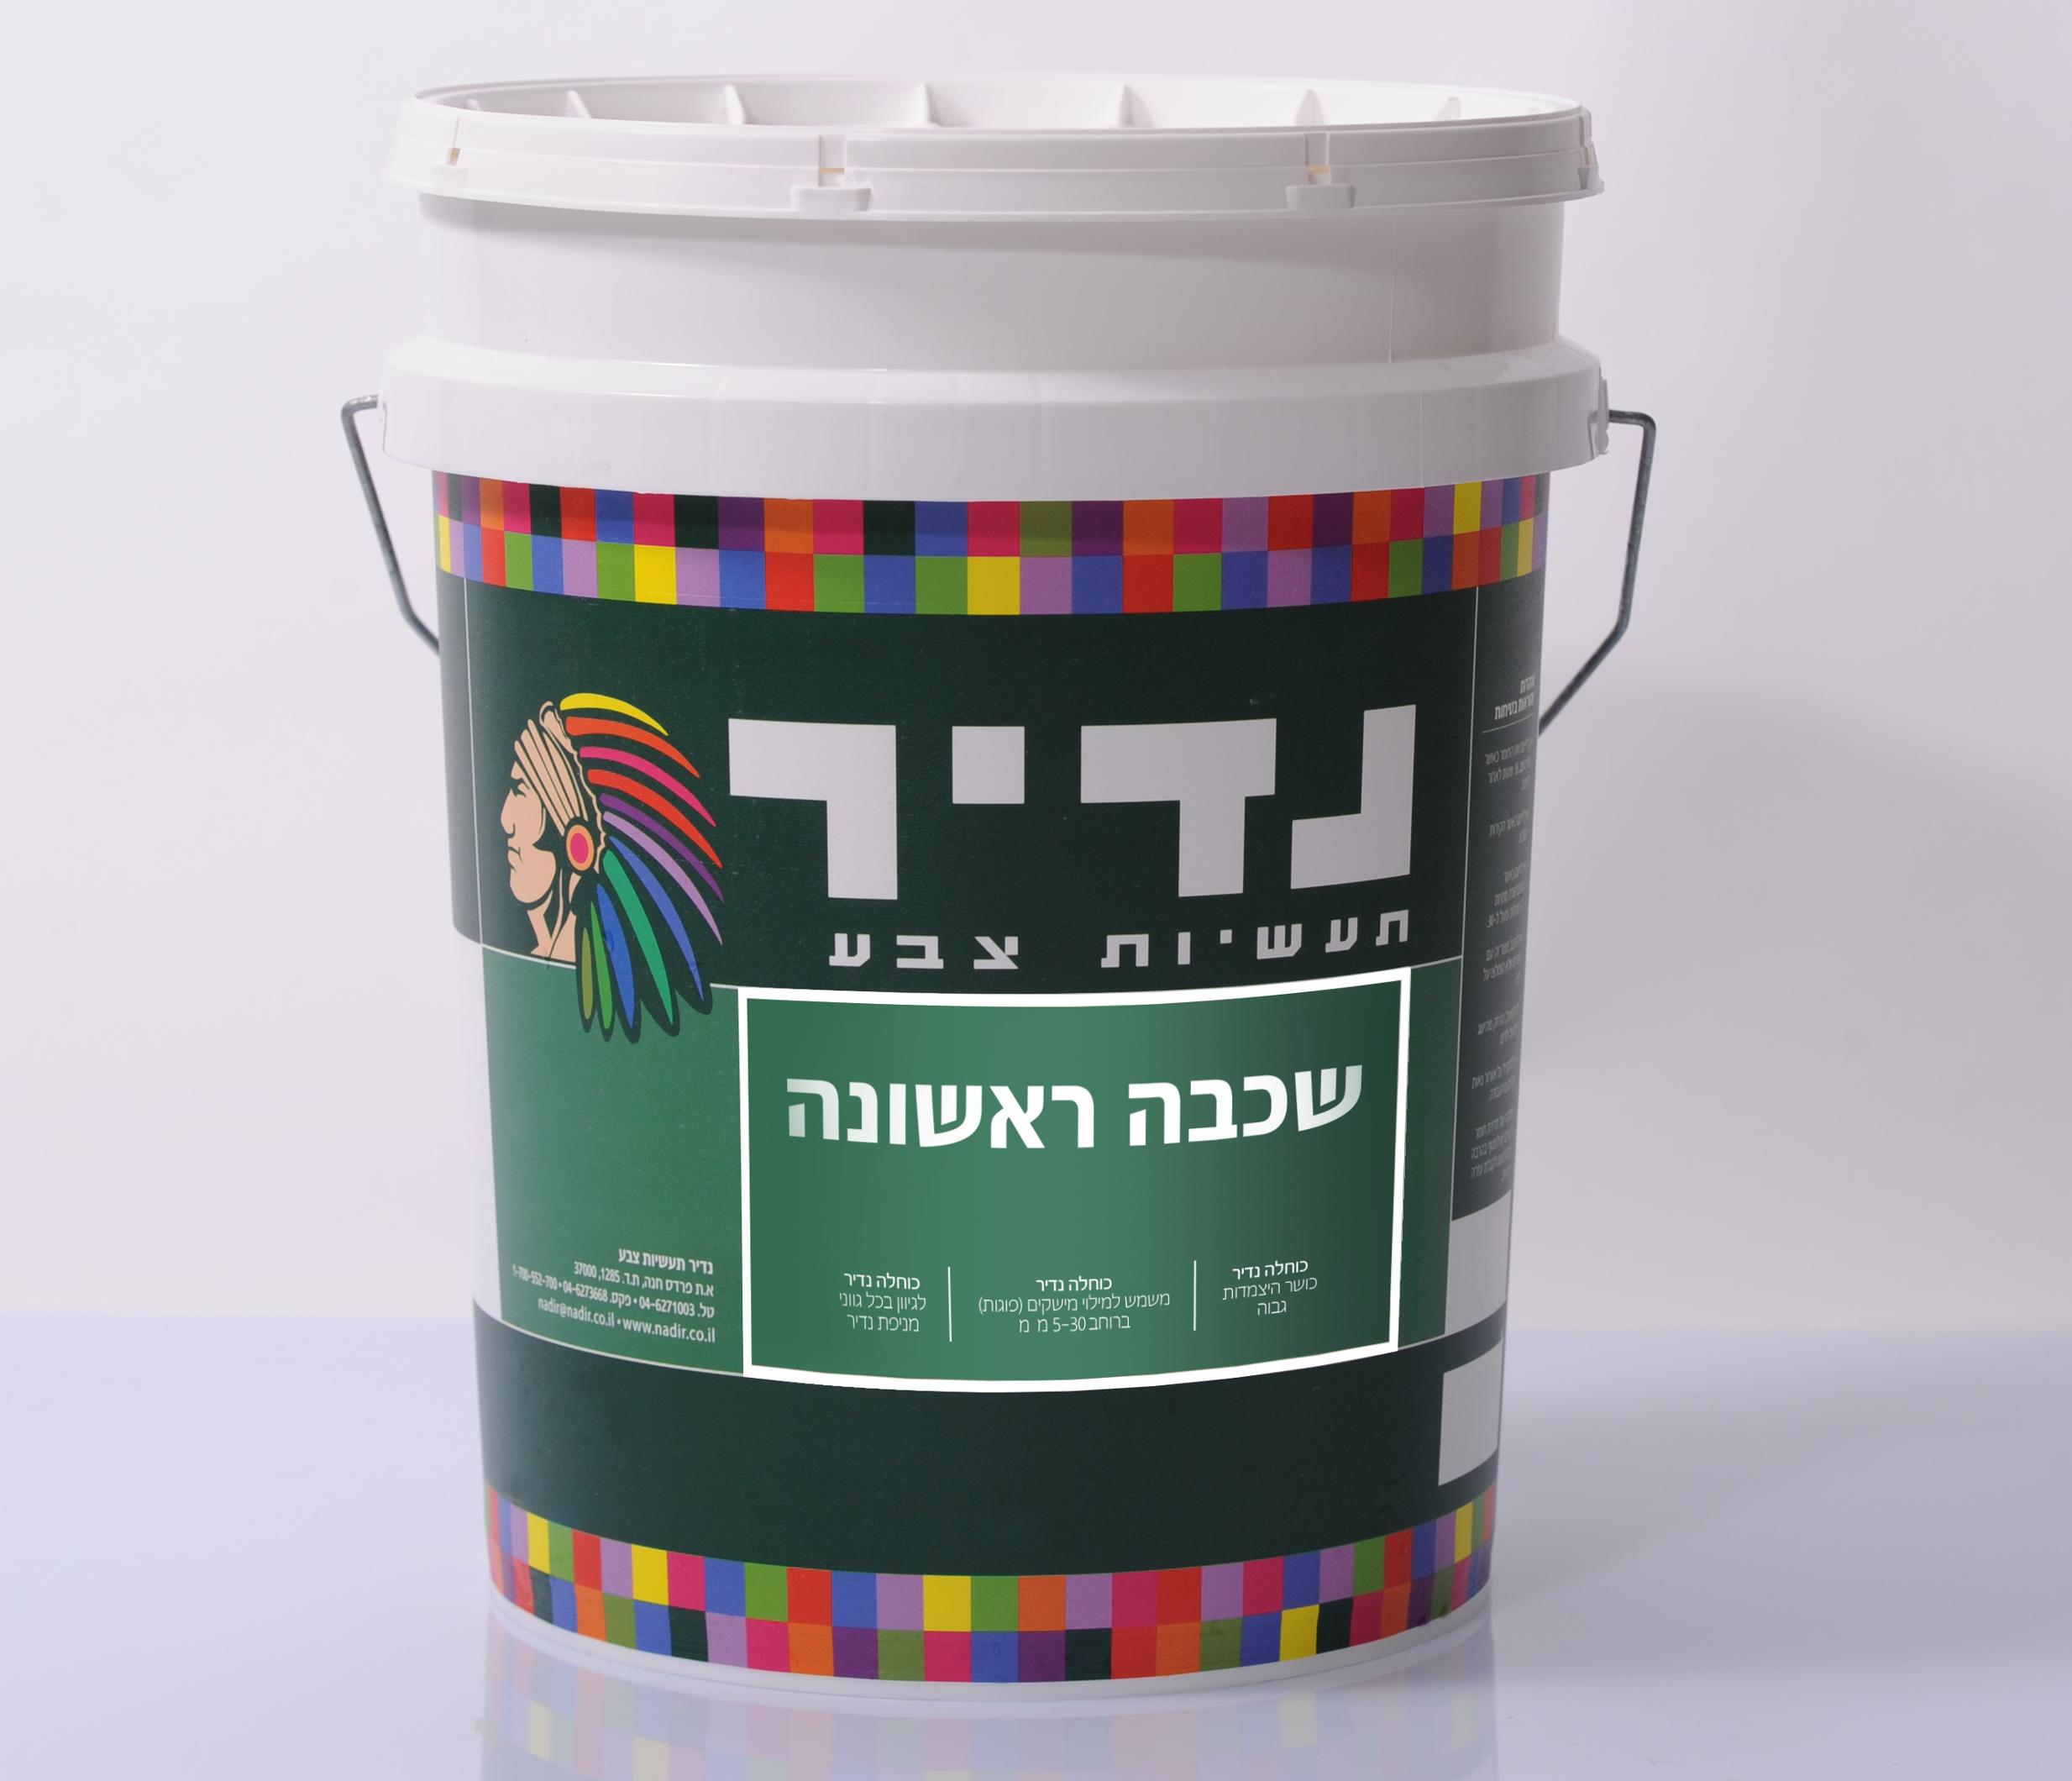 שכבה ראשונה- צבע יסוד הניתן לשיוף מיועד למילוי ולהחלקת טיח חדש לשימוש פנימי